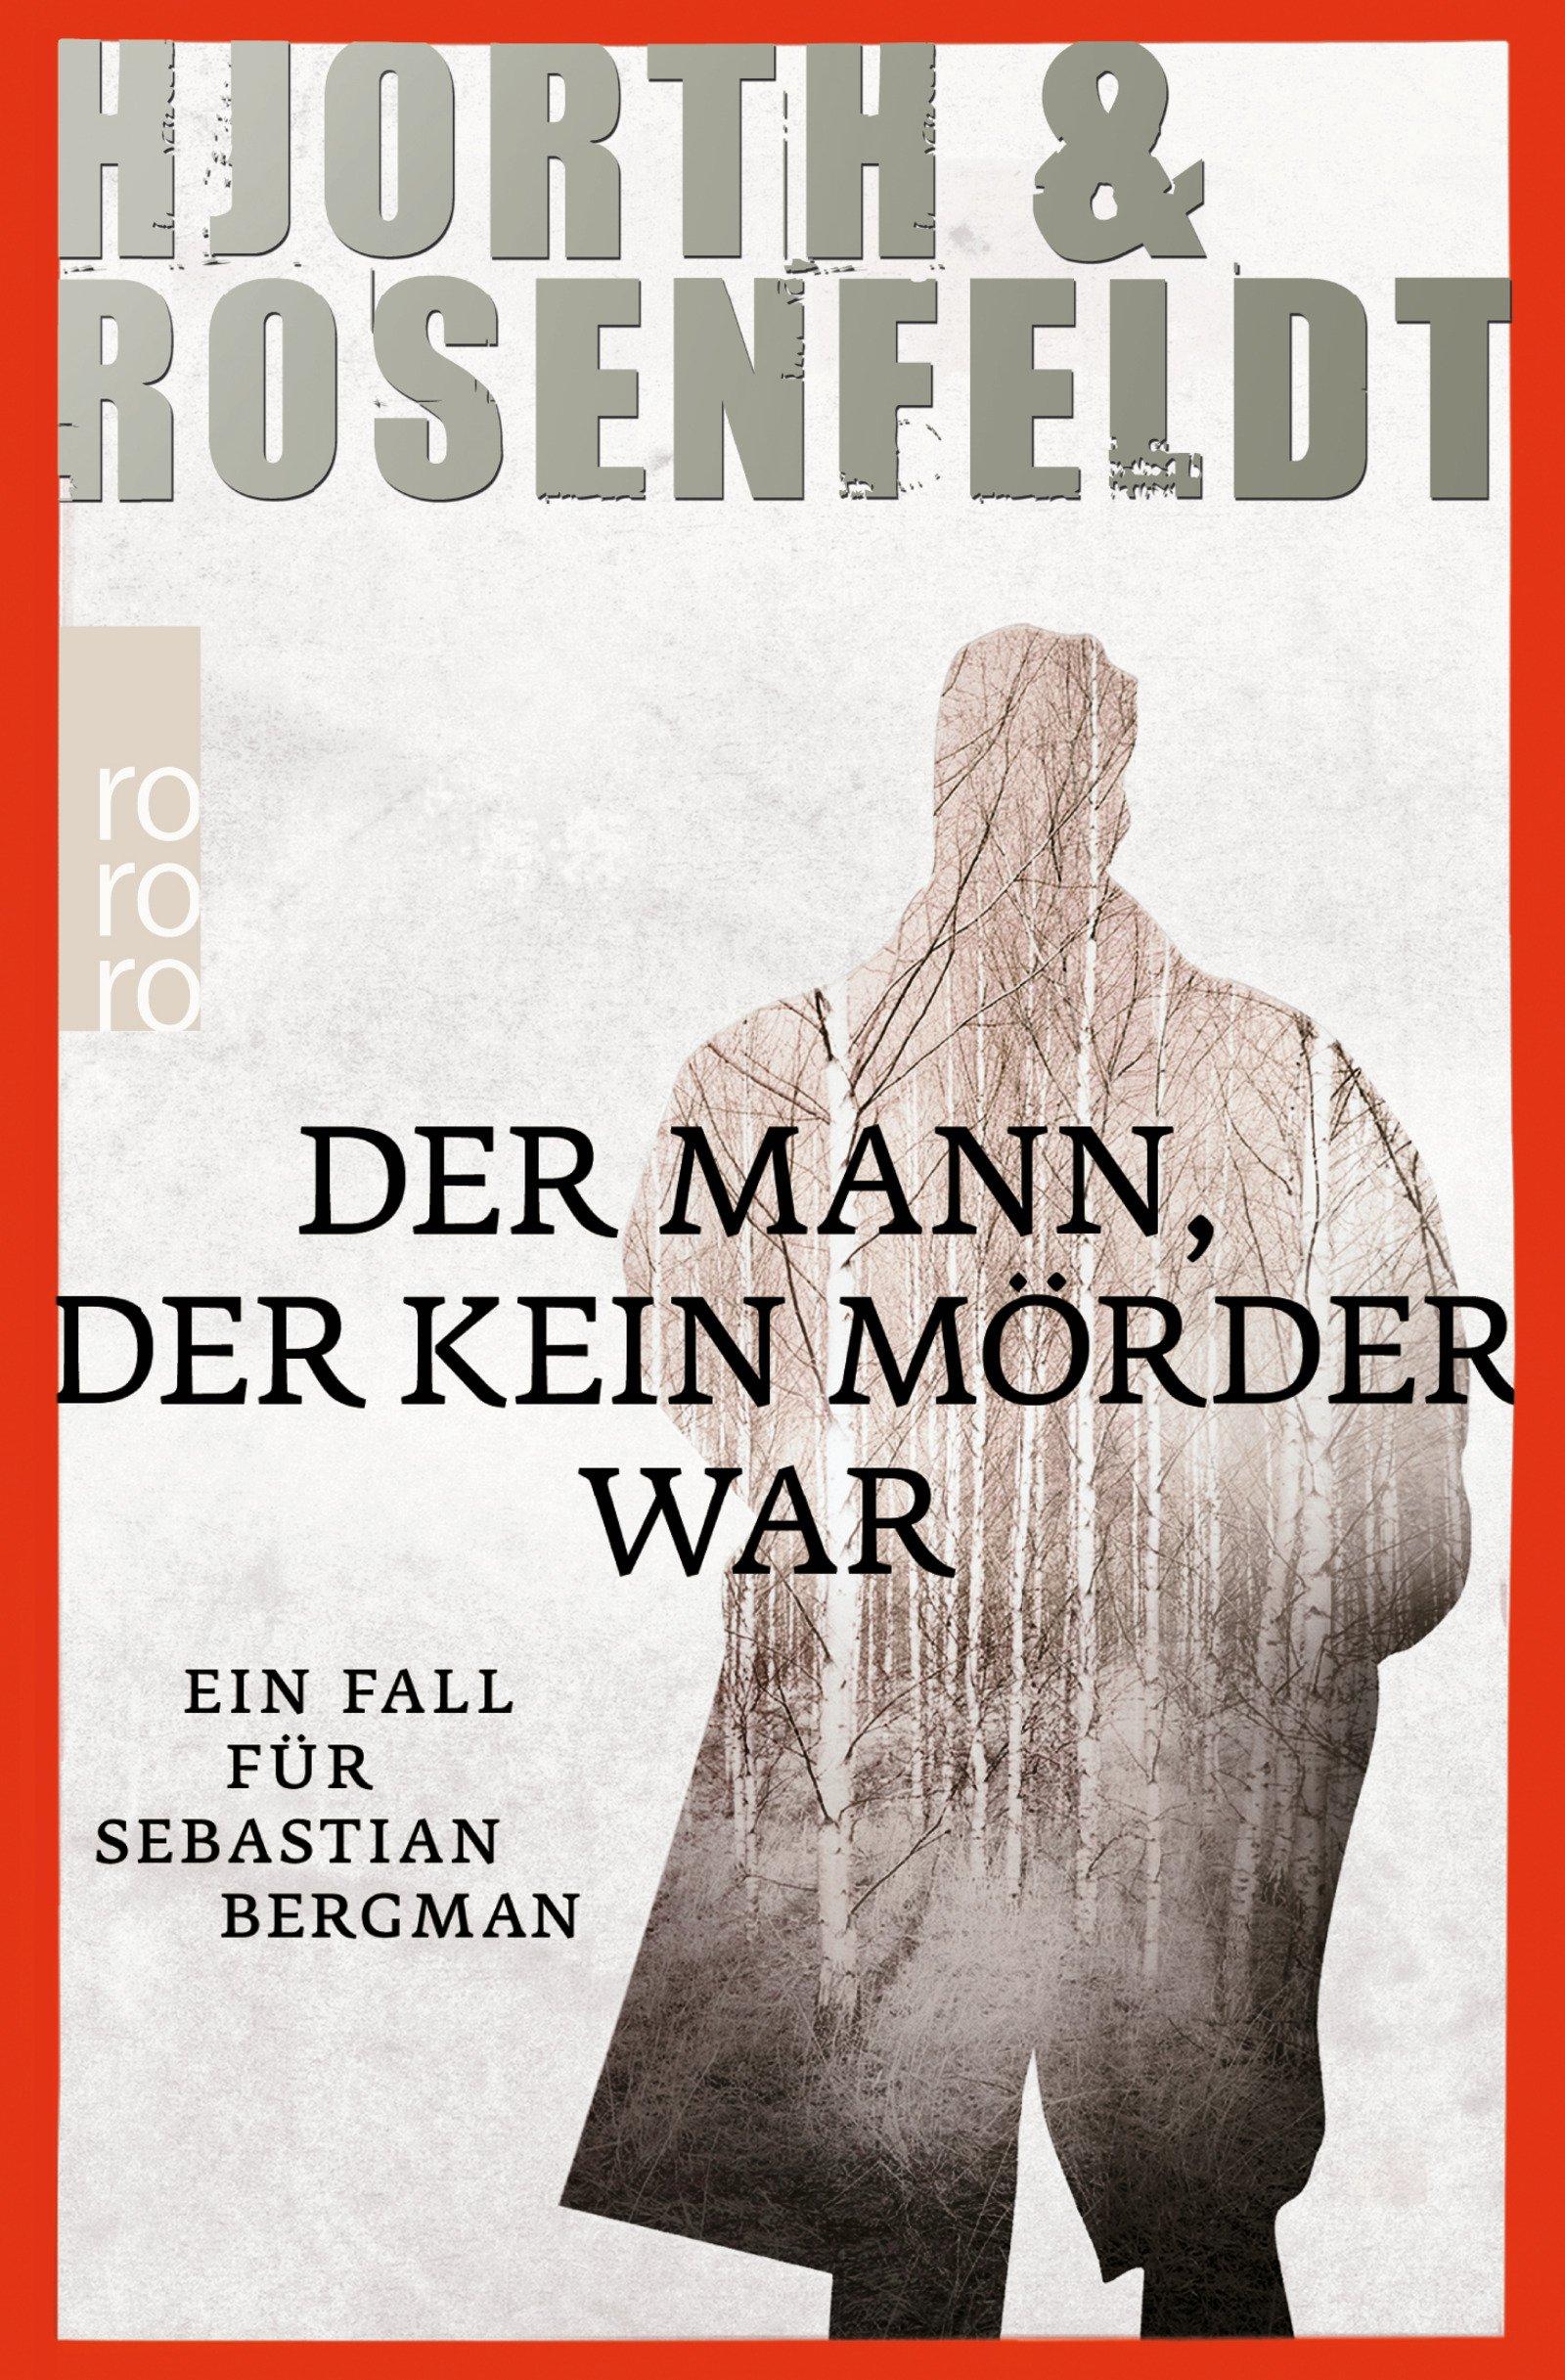 Der Mann, der kein Mörder war (Ein Fall für Sebastian Bergman, Band 1) Taschenbuch – 2. Januar 2013 Michael Hjorth Hans Rosenfeldt Ursel Allenstein Rowohlt Taschenbuch